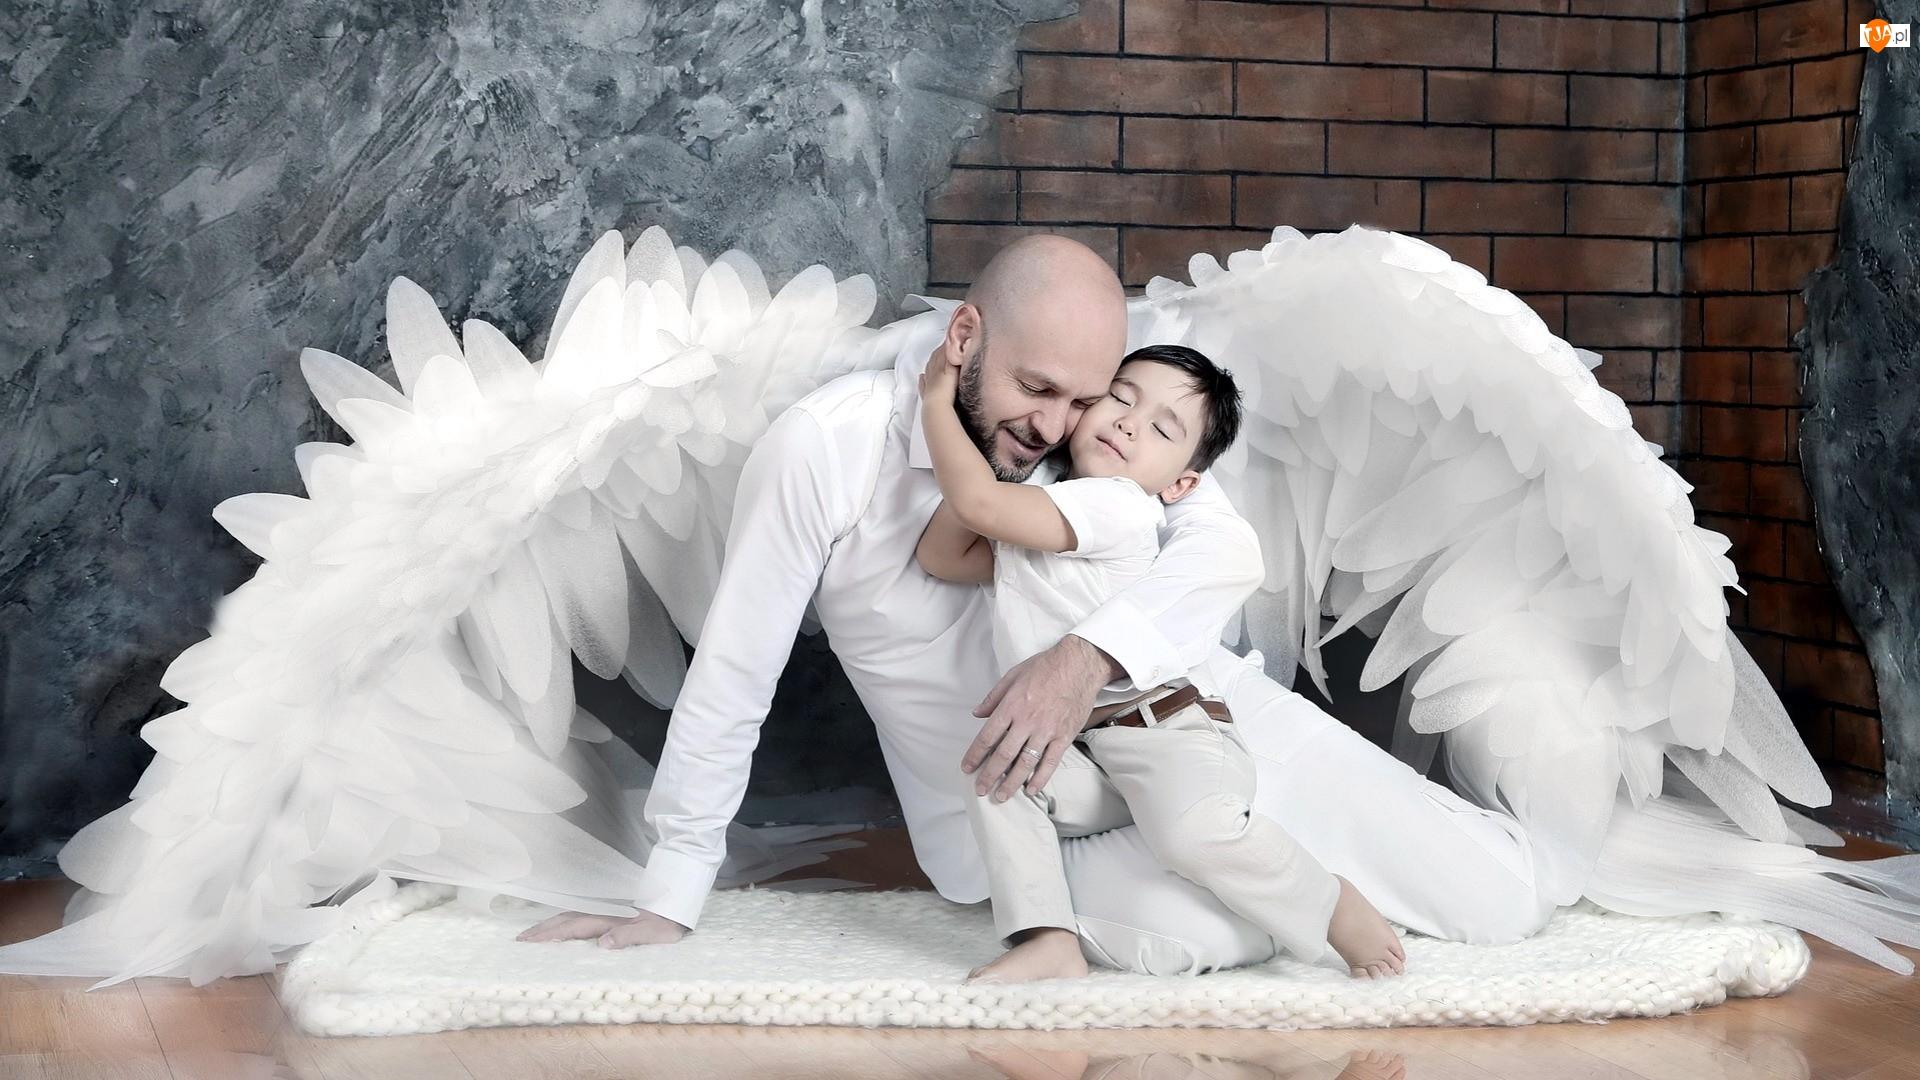 Mężczyzna, Dziecko, Skrzydła, Ojciec, Opiekun, Anioł, Chłopczyk